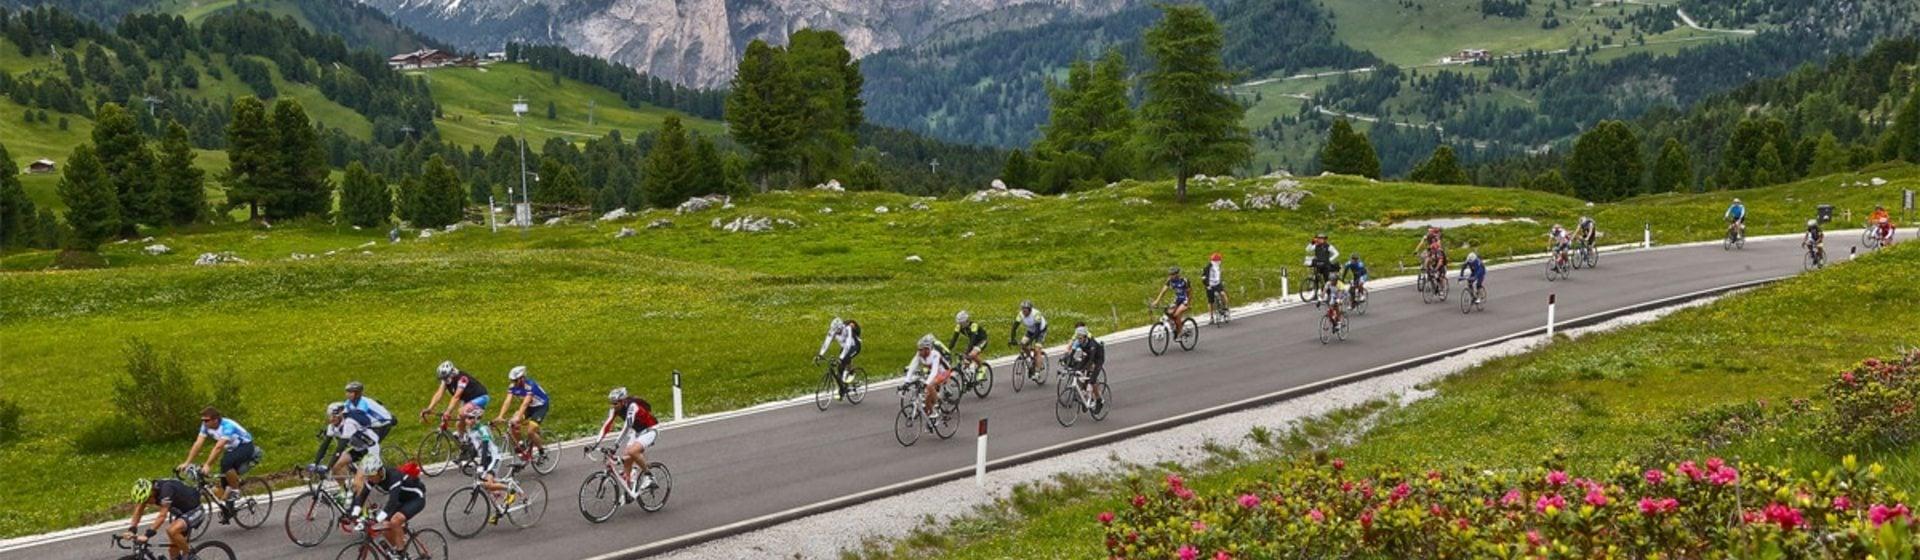 Sabato 18 settembre 2021 Sellaronda Bike Day edizione autunnale